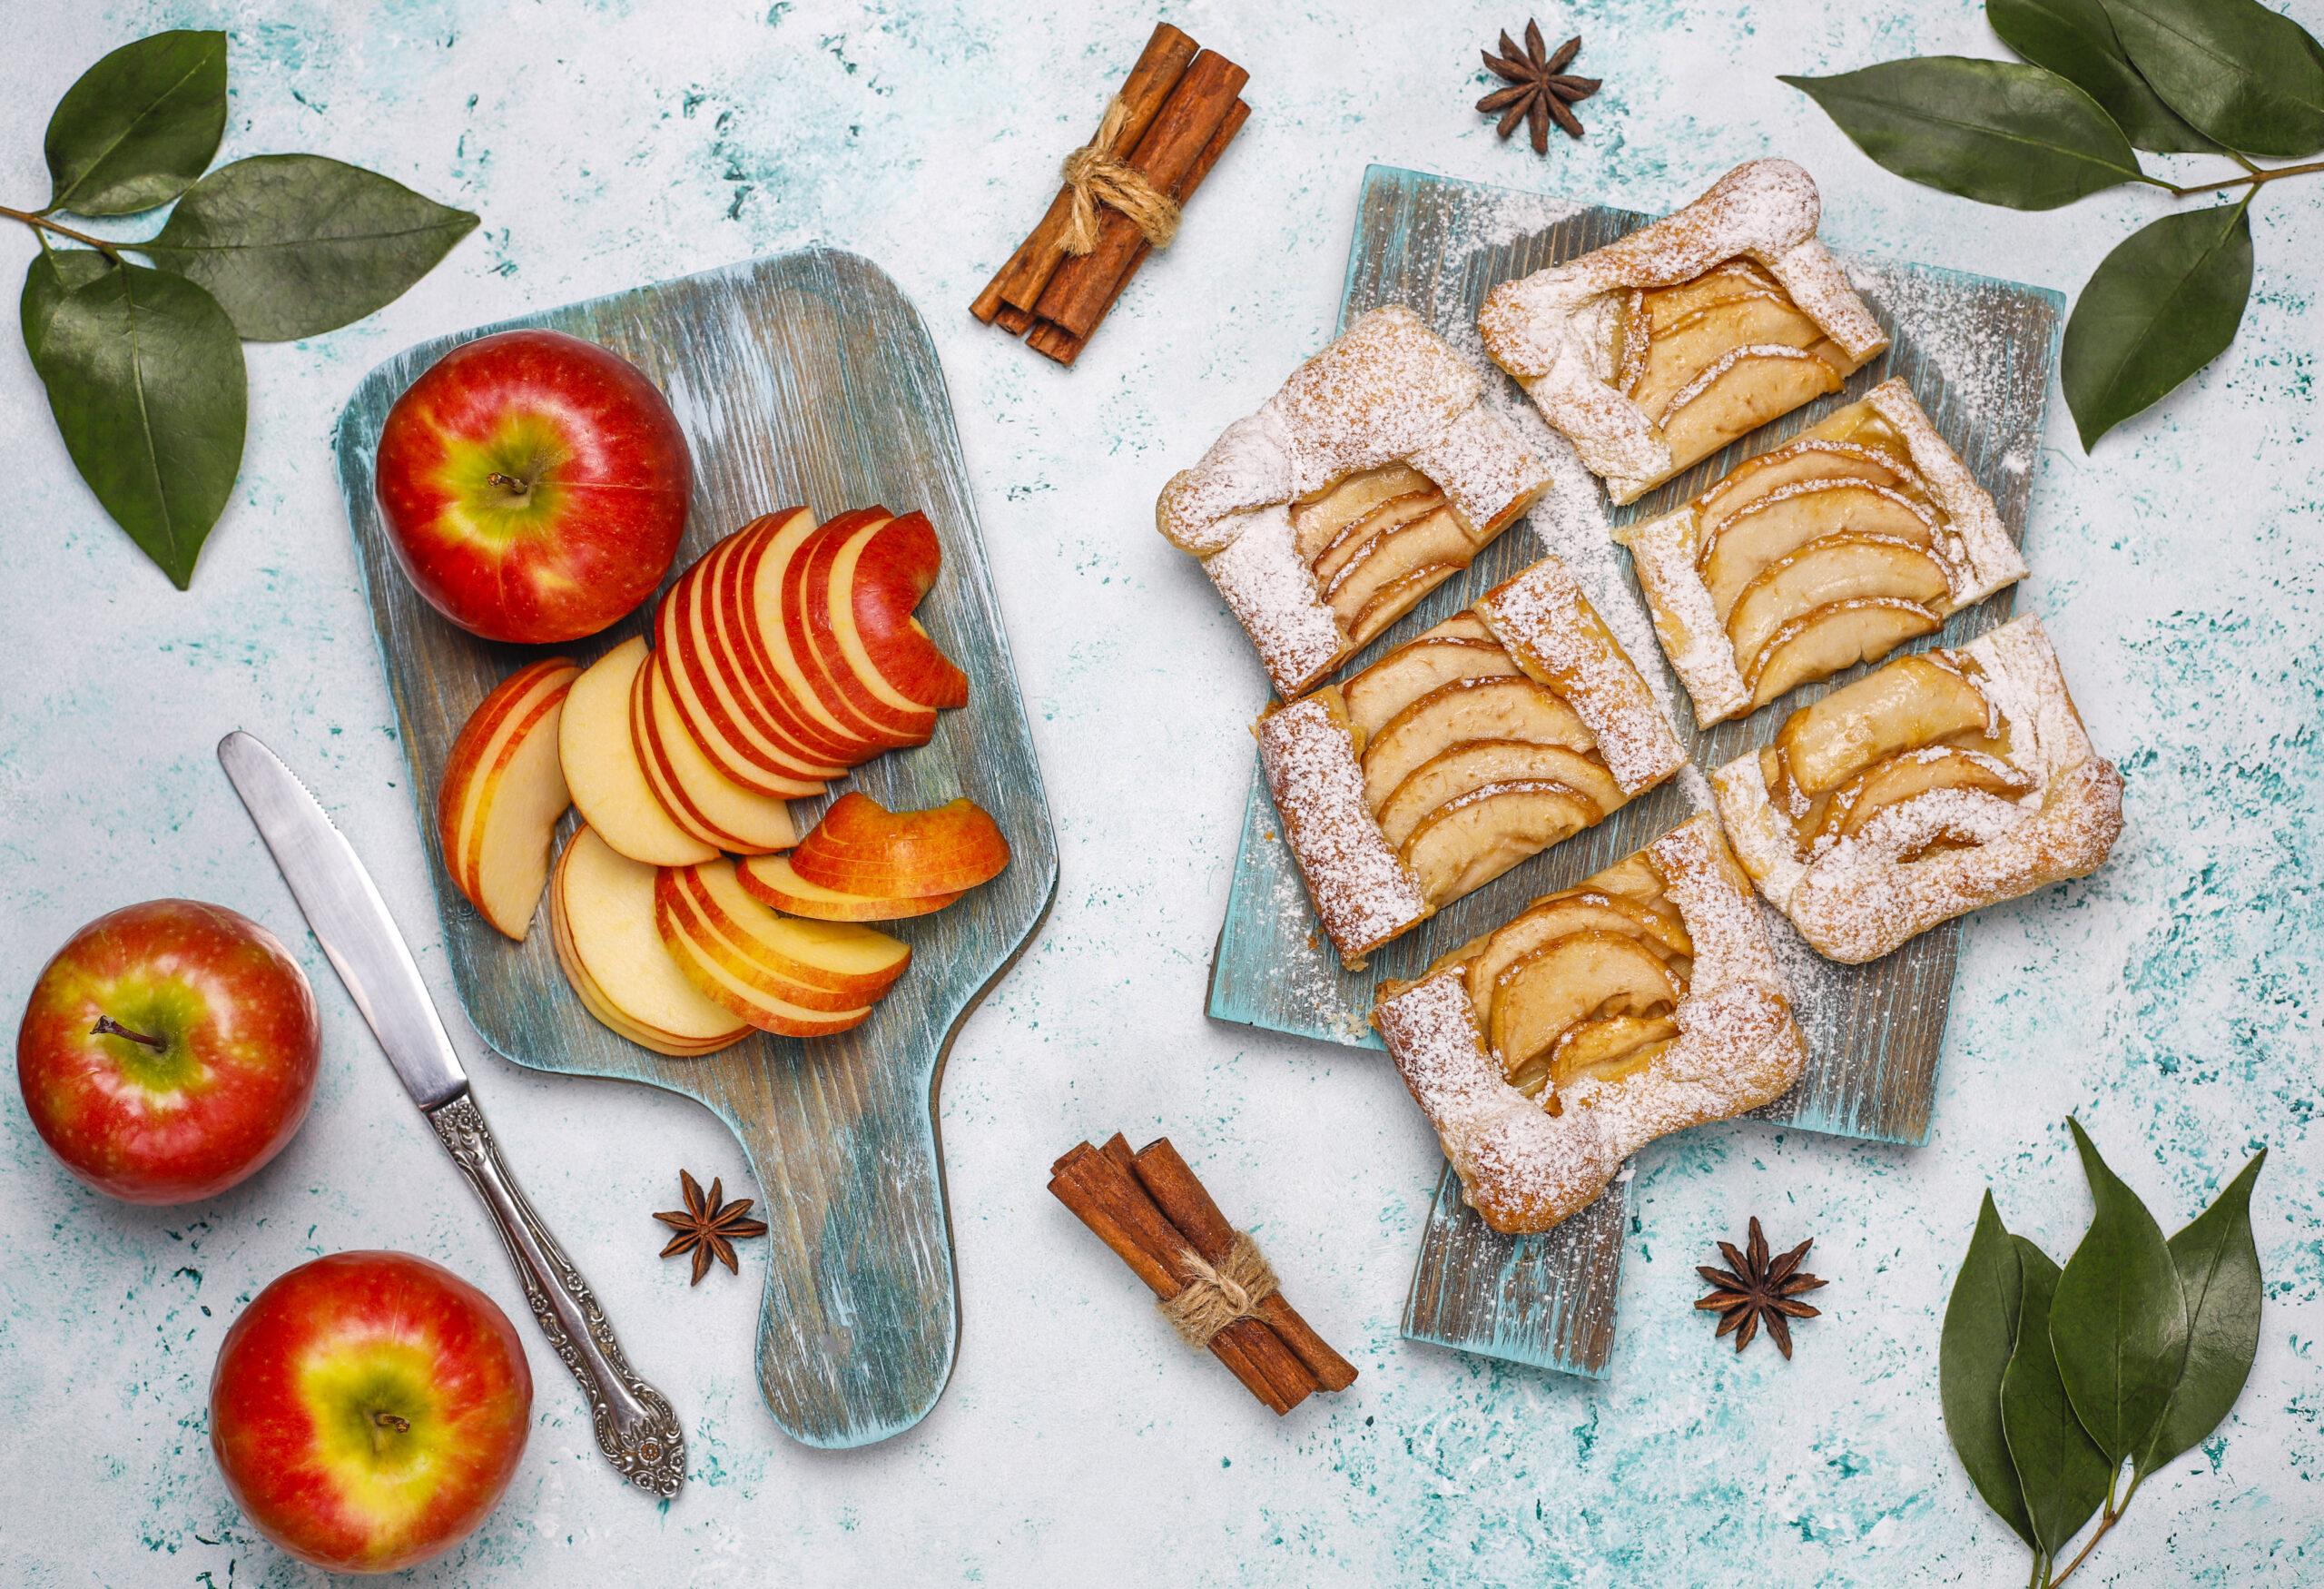 Tarta de hojaldre con manzanas y crema pastelera